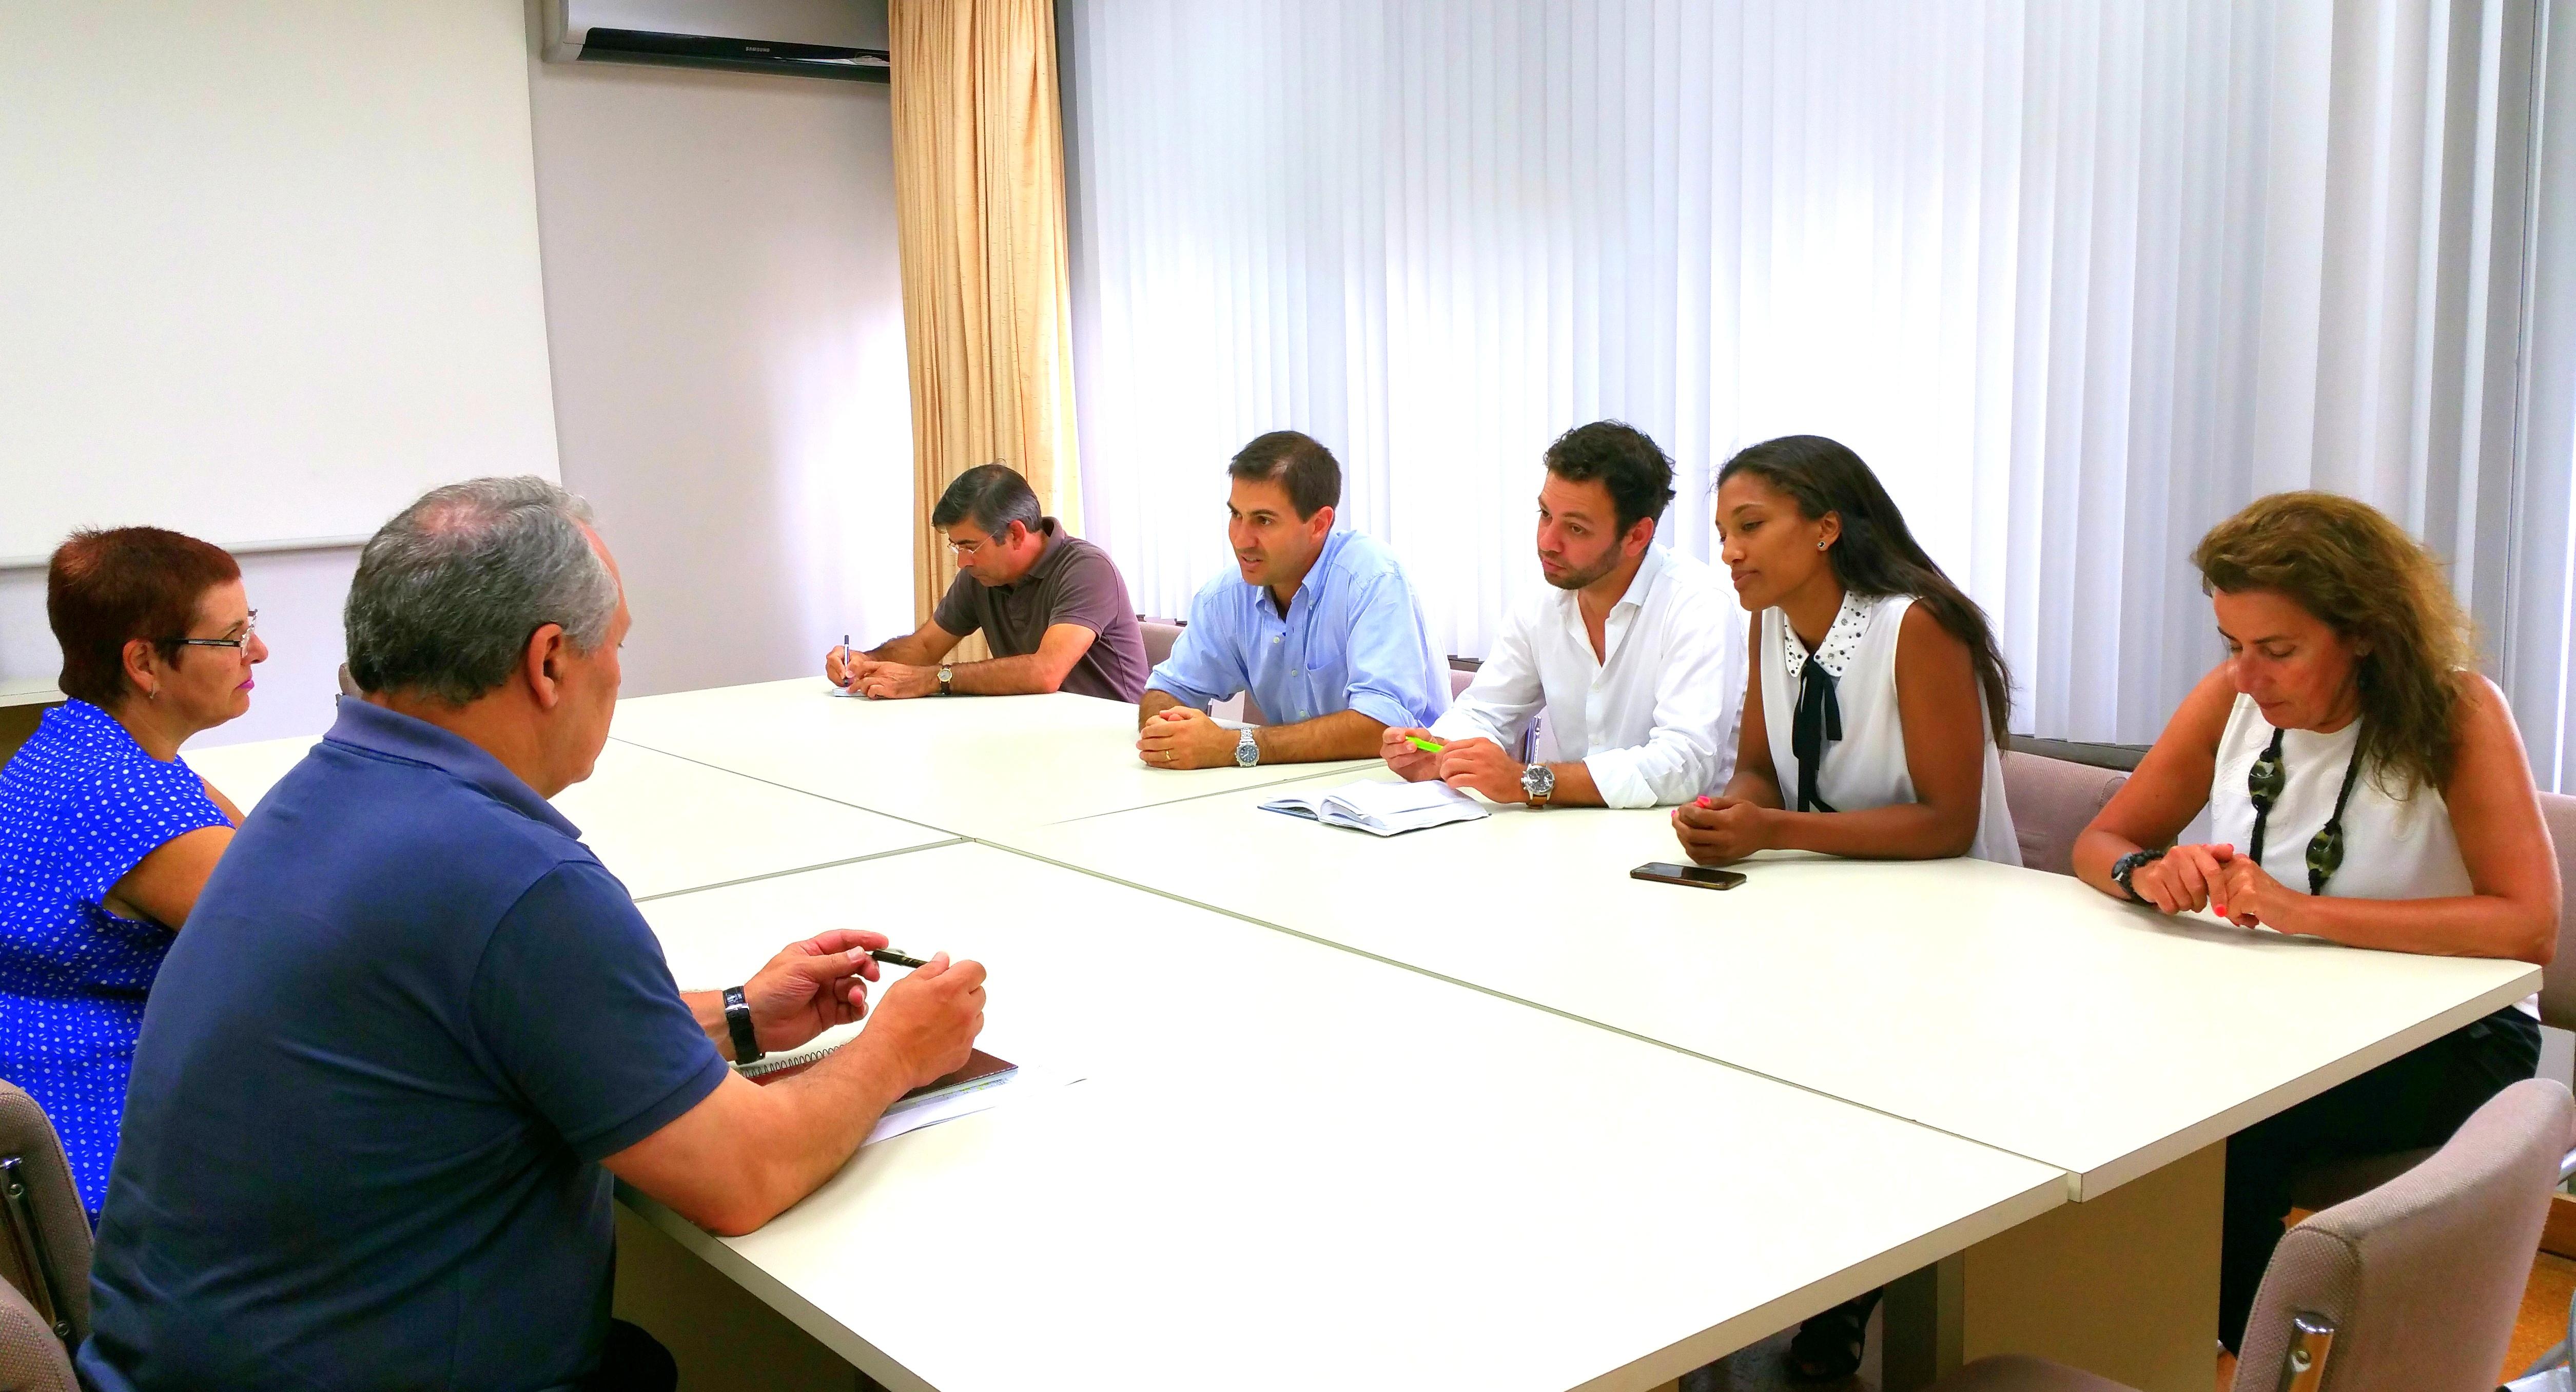 """PSD/Açores quer """"verdadeira política de proximidade na Saúde"""""""